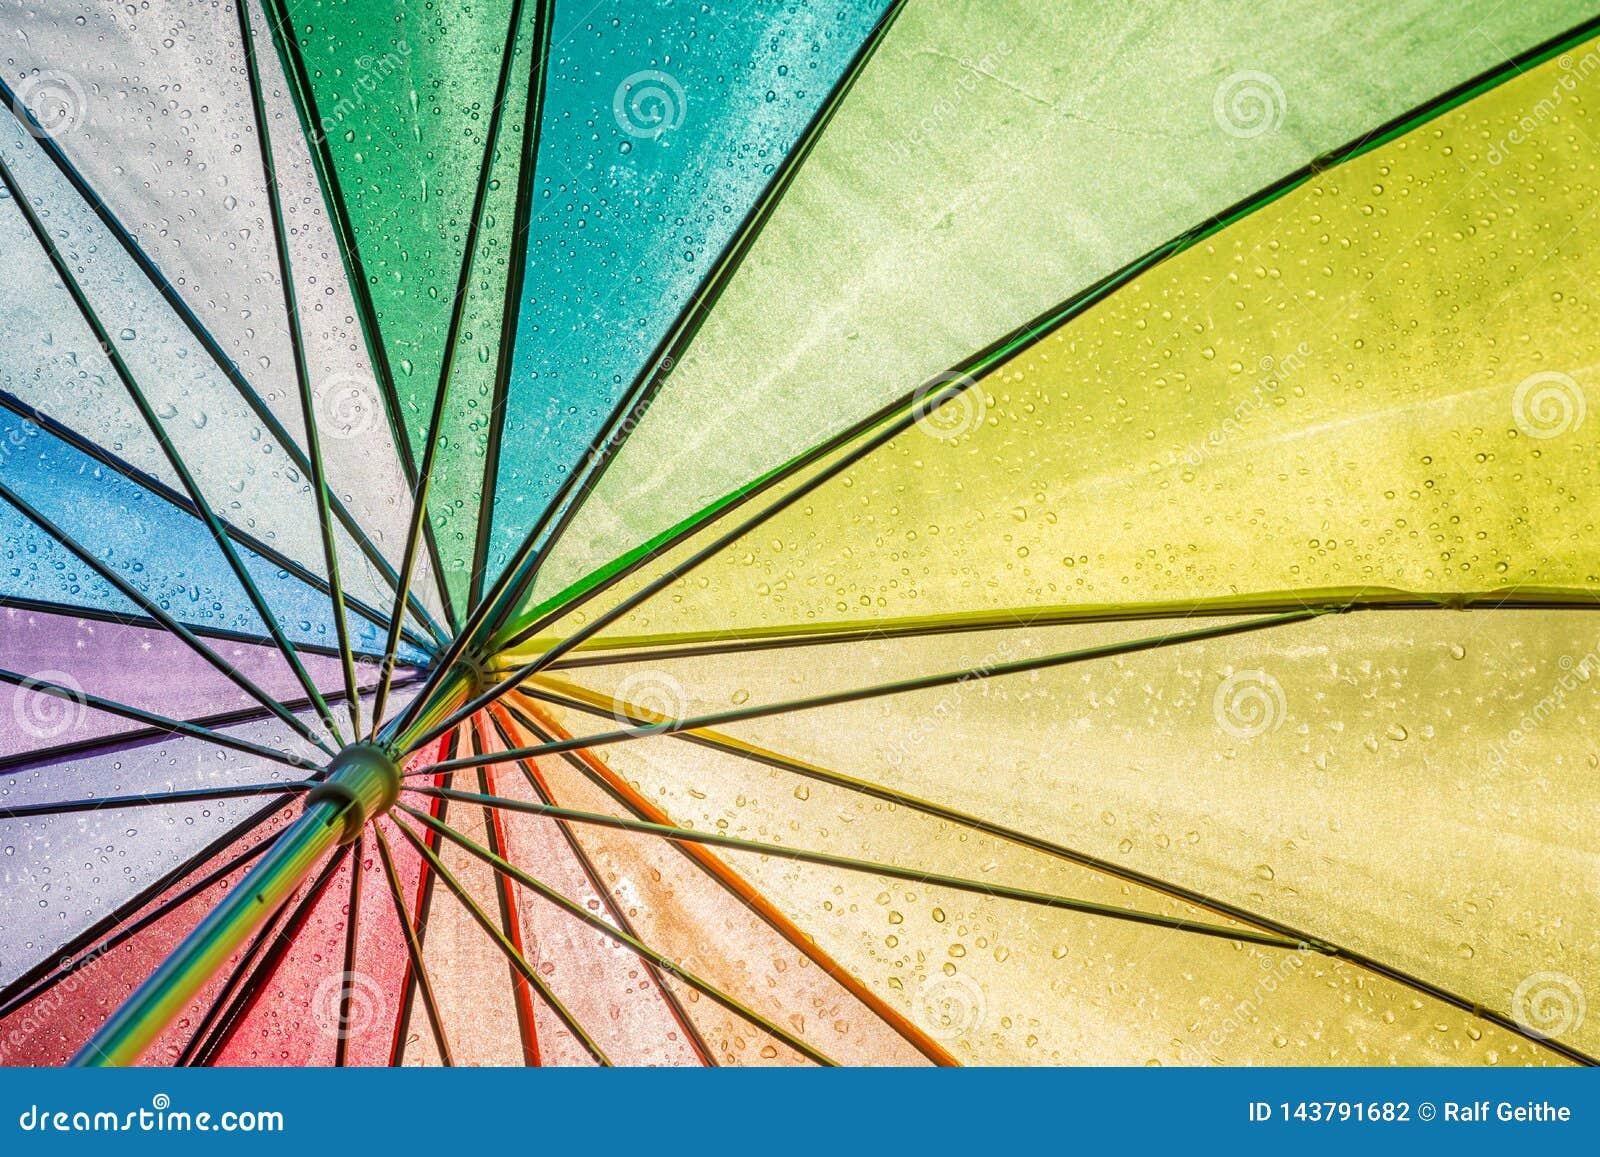 Piękny kolorowy mokry parasol z półprzezroczystym słońcem widzieć spod spodu